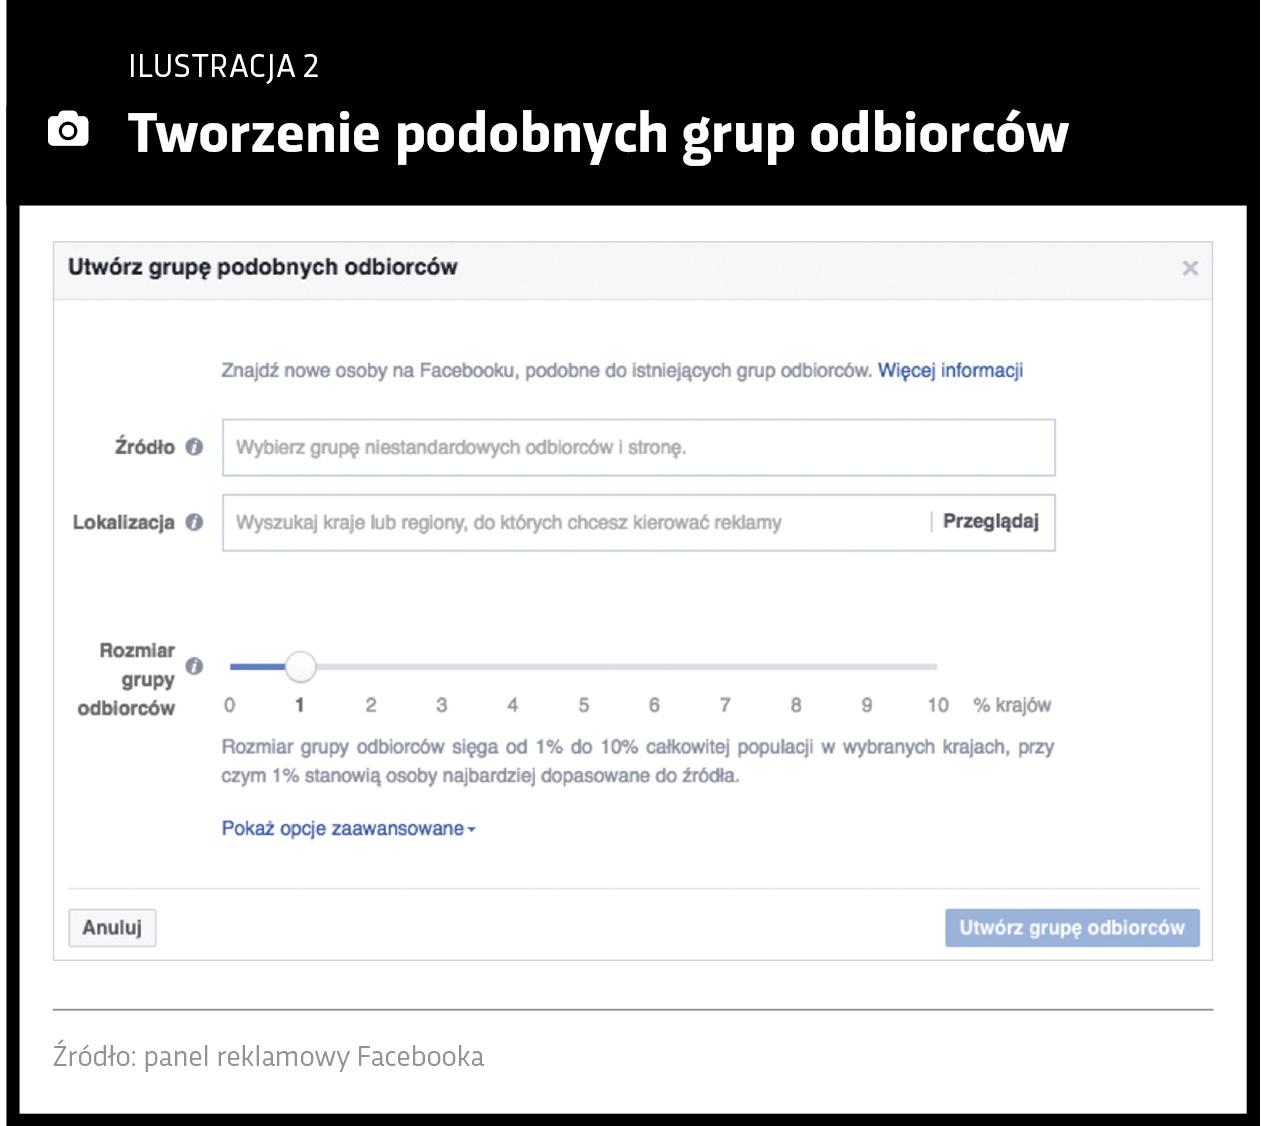 Fragment interfejsu Facebooka: Podobne grupy odbiorców